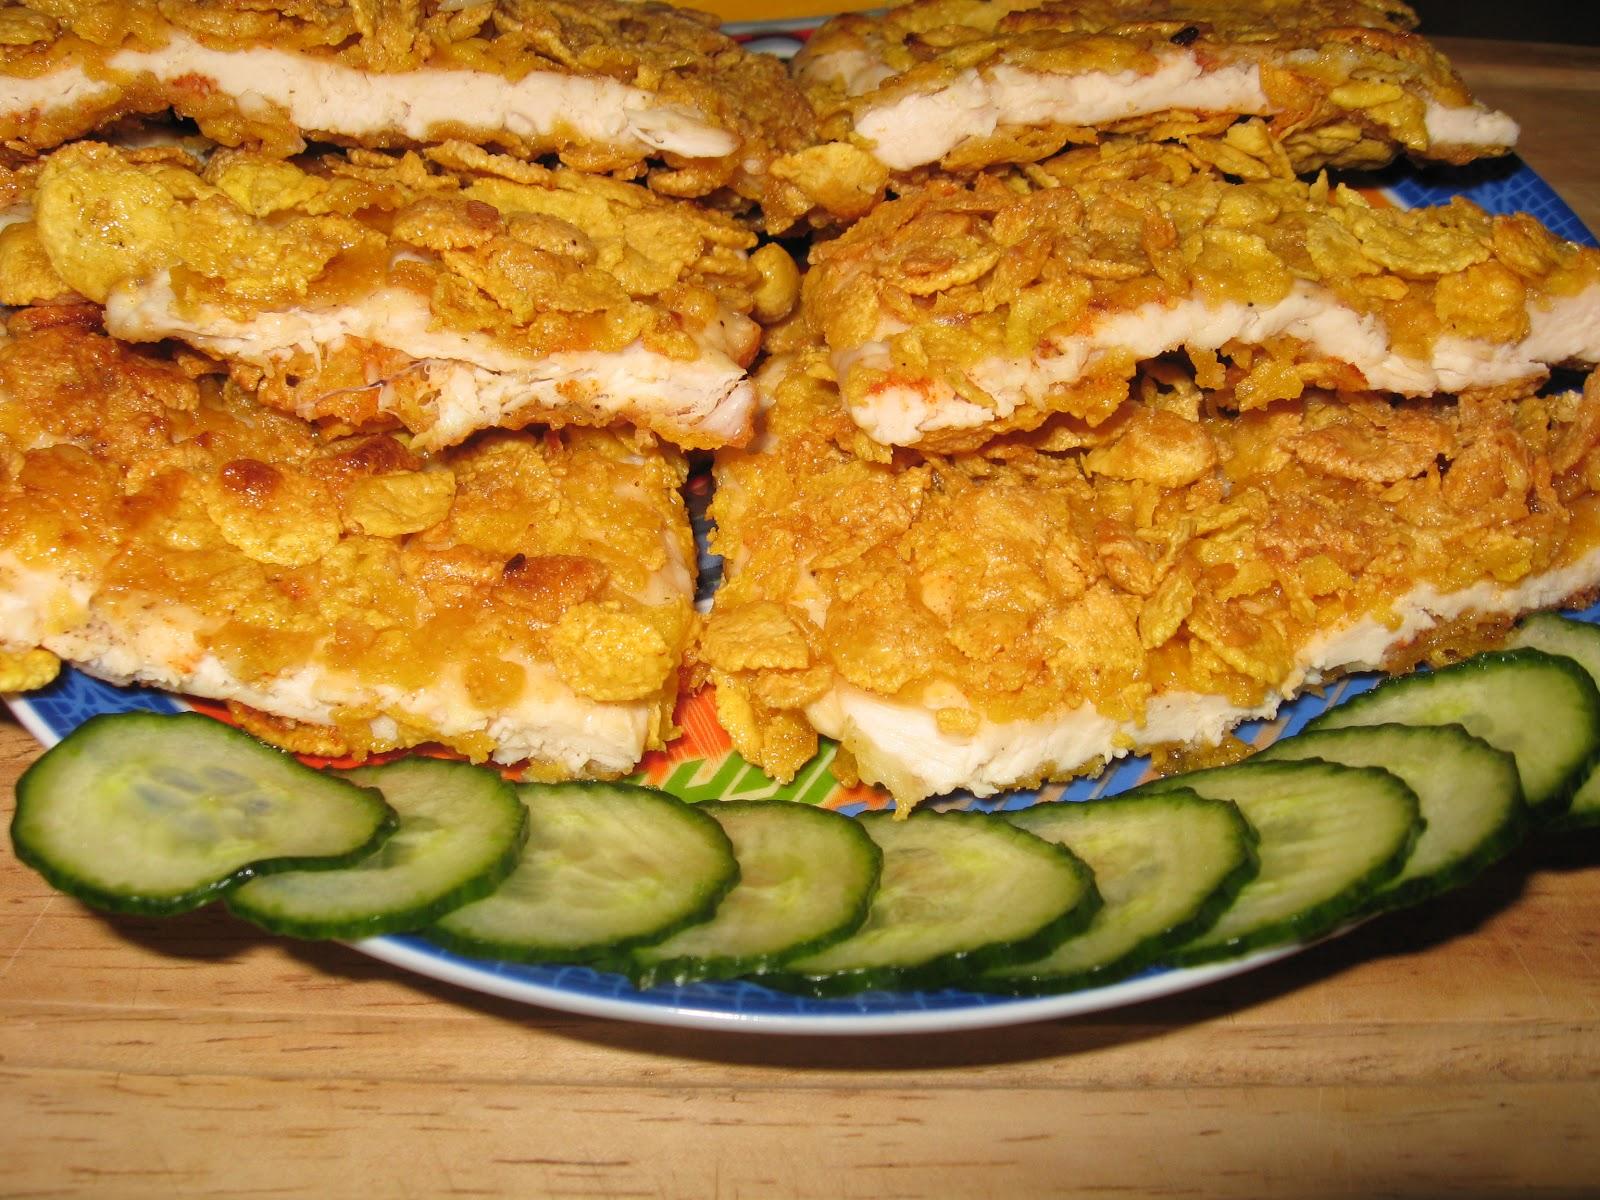 Mozesz Potrafisz Filety Z Kurczaka W Platkach Kukurydzianych